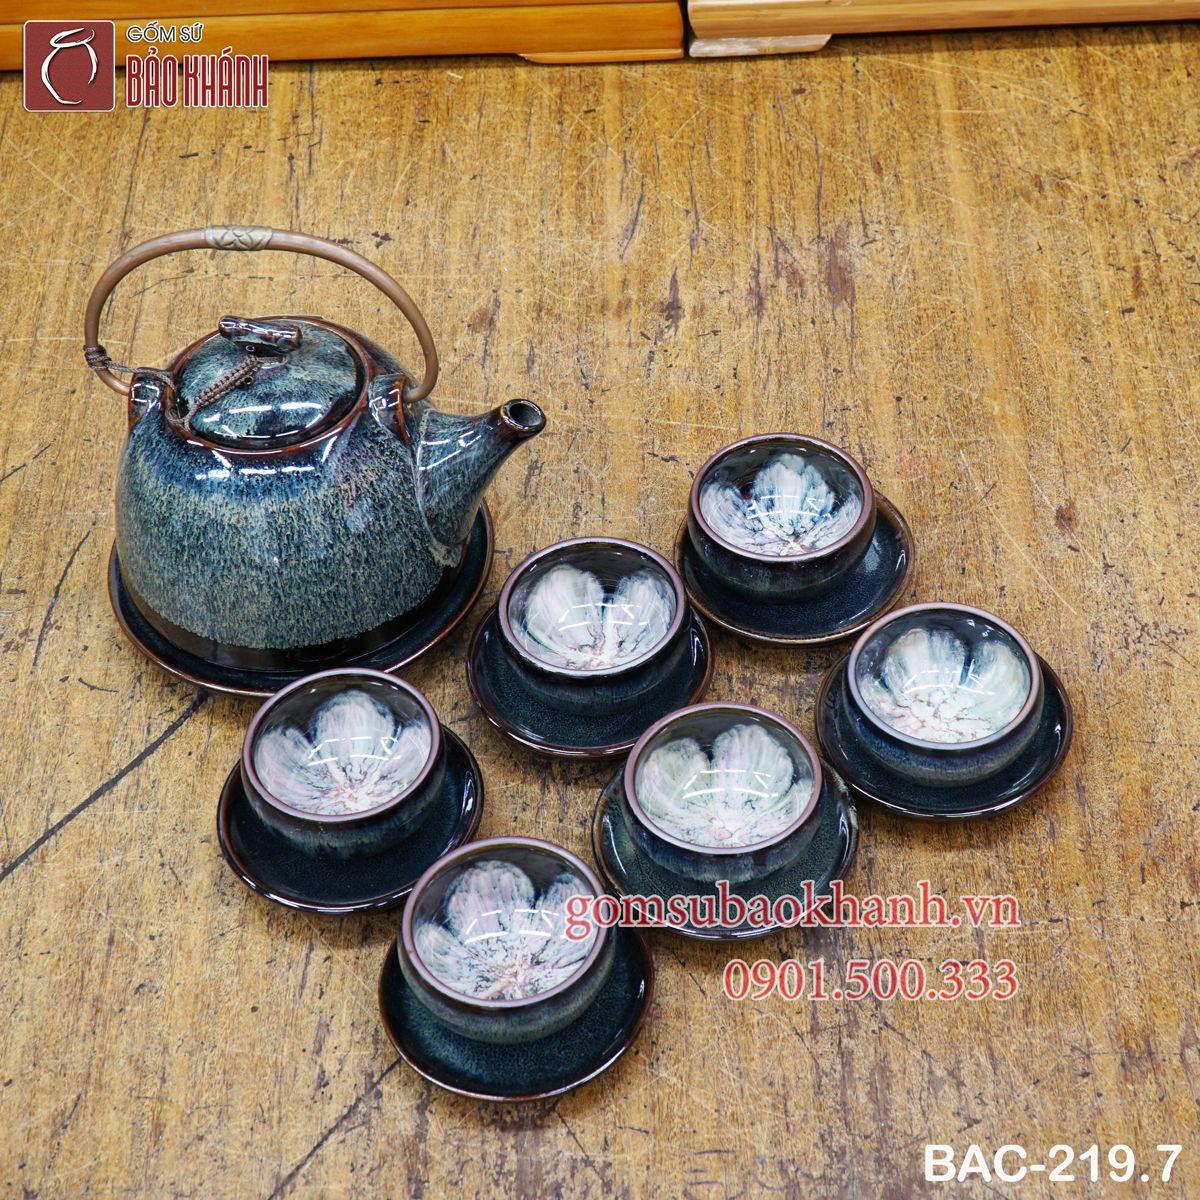 bộ trà hỏa biến bát tràng giá rẻ